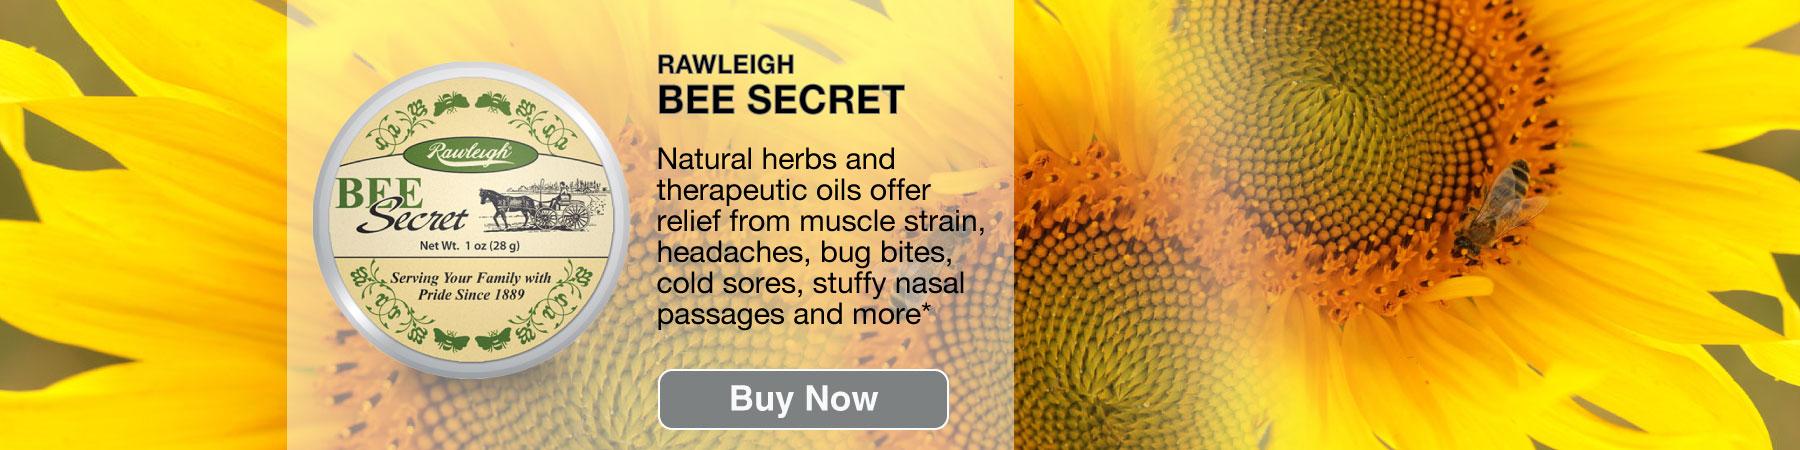 Bee Secret